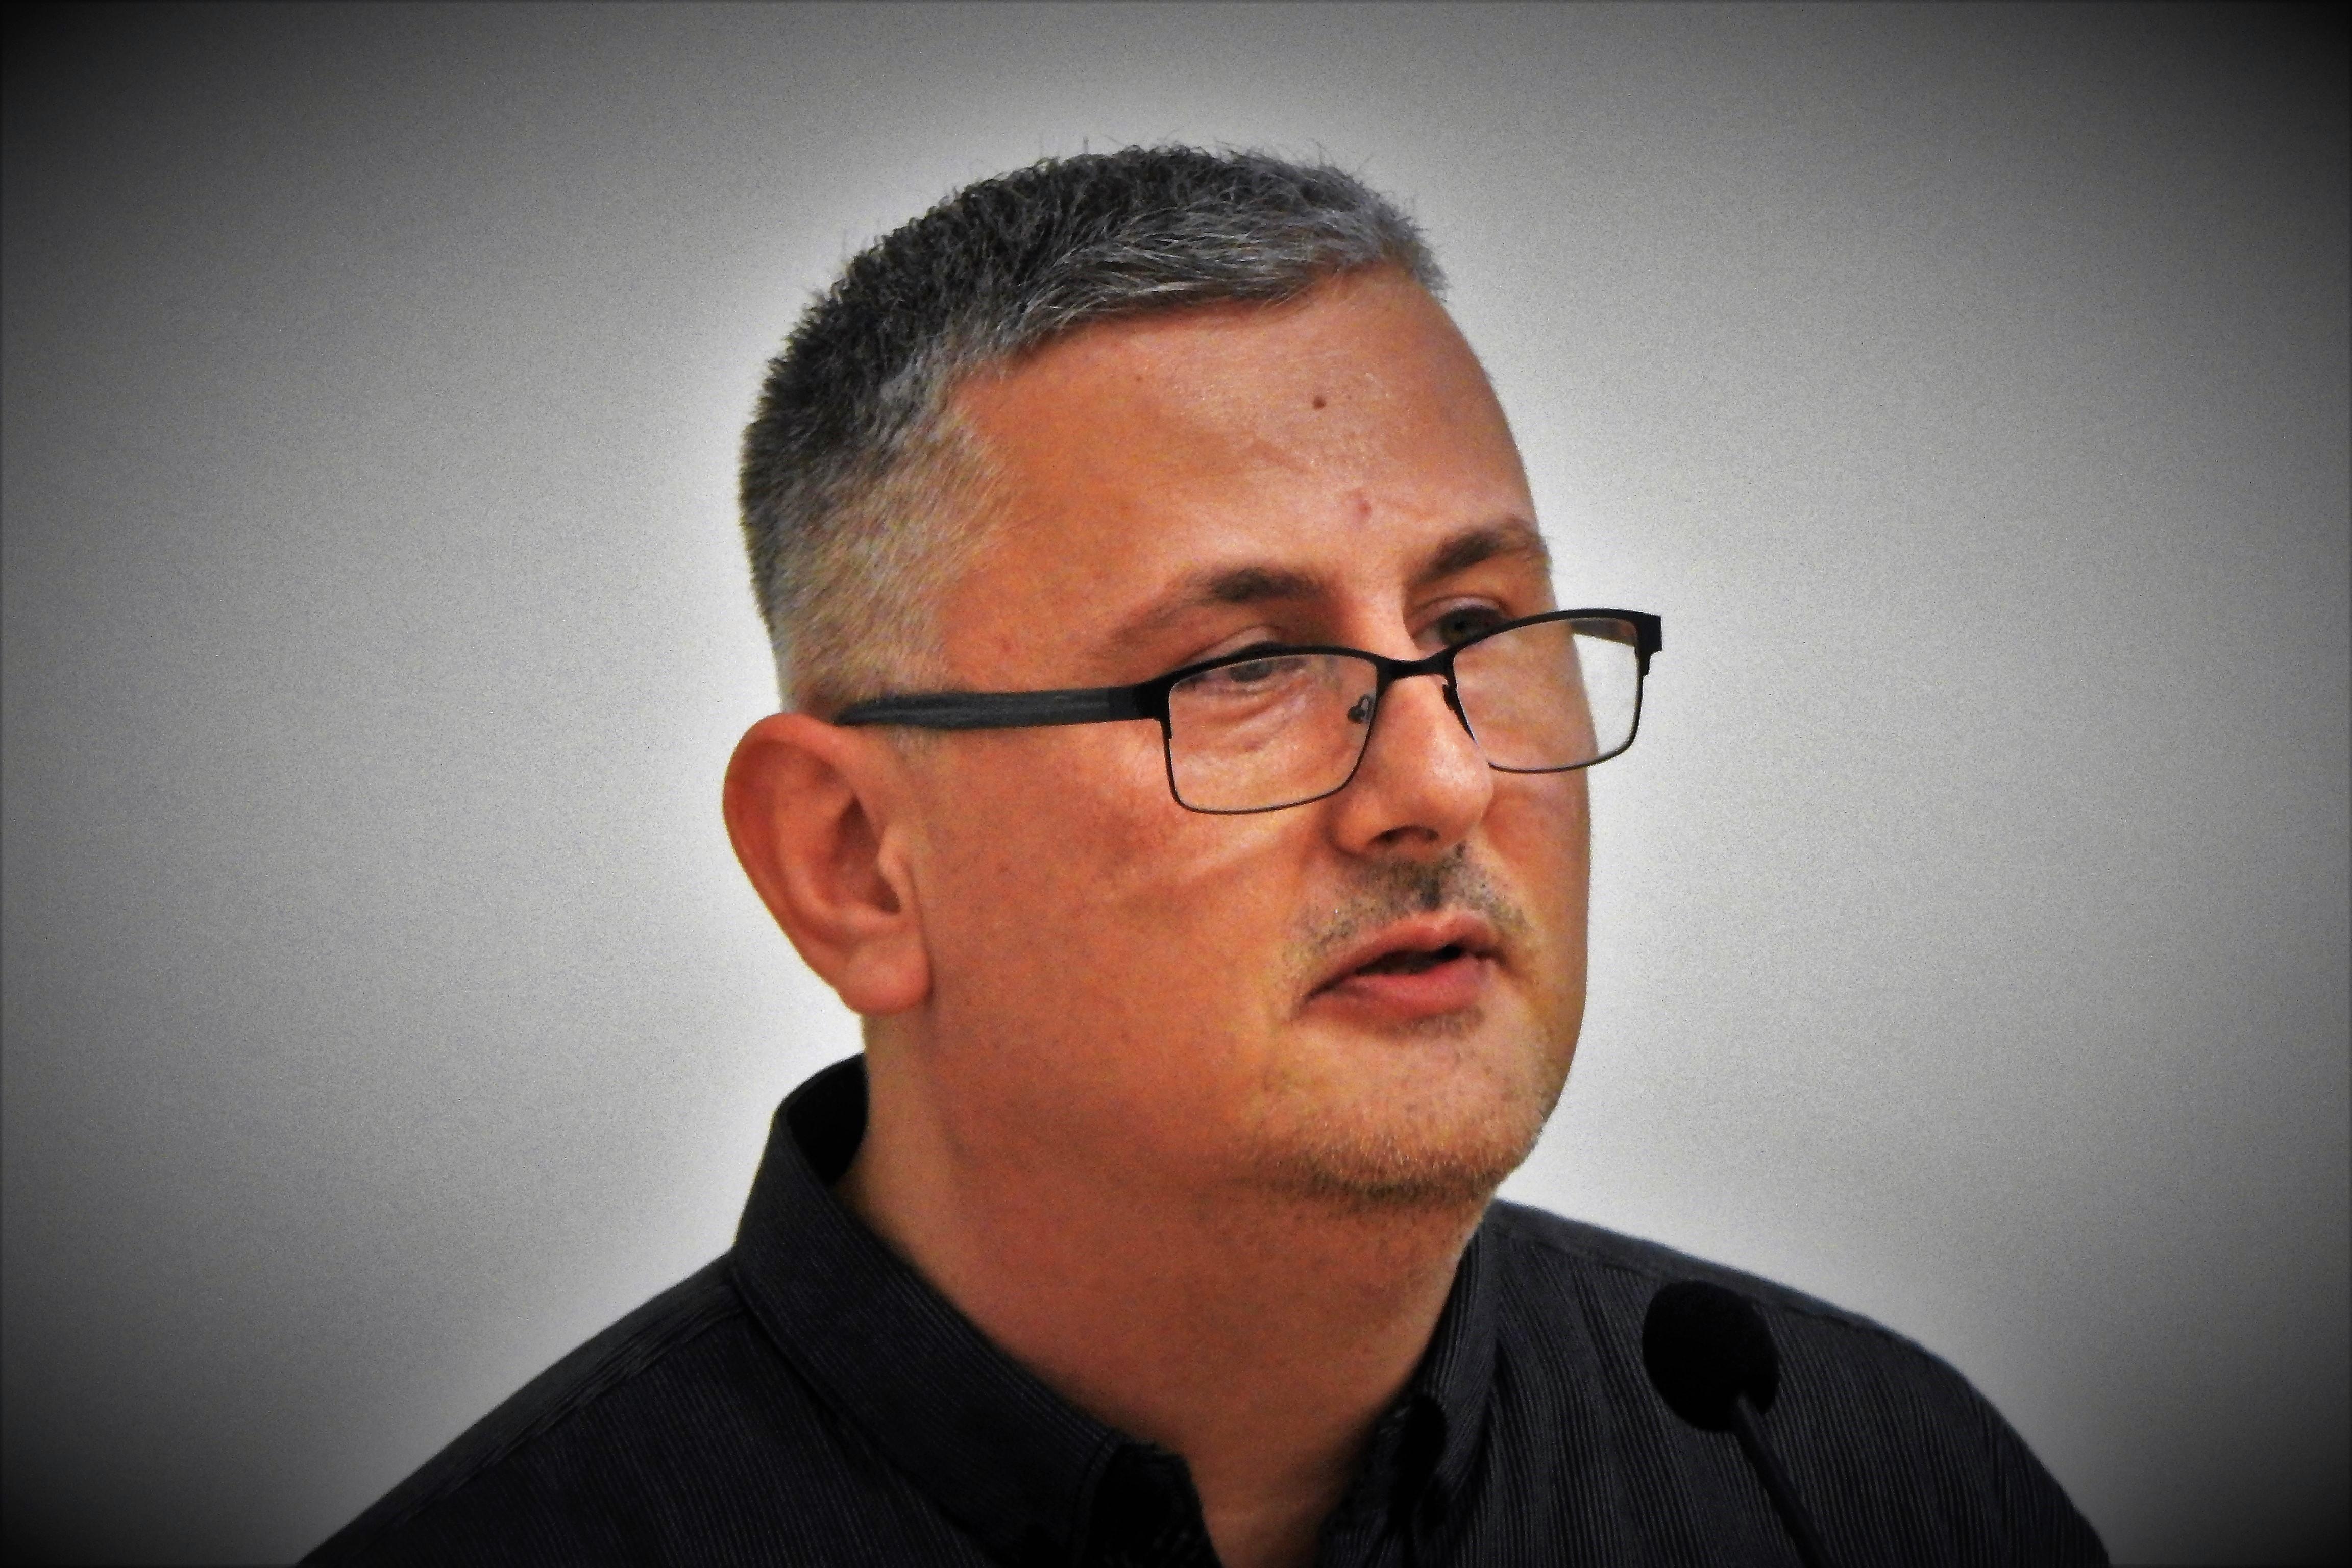 Intervju s povodom/ Ivica Šimić, knjižničar s tri diplome, autor kninske monografije: Bio sam premlaćivan u po' bijela dana, na glavnoj ulici, i nikoga nije bilo briga…